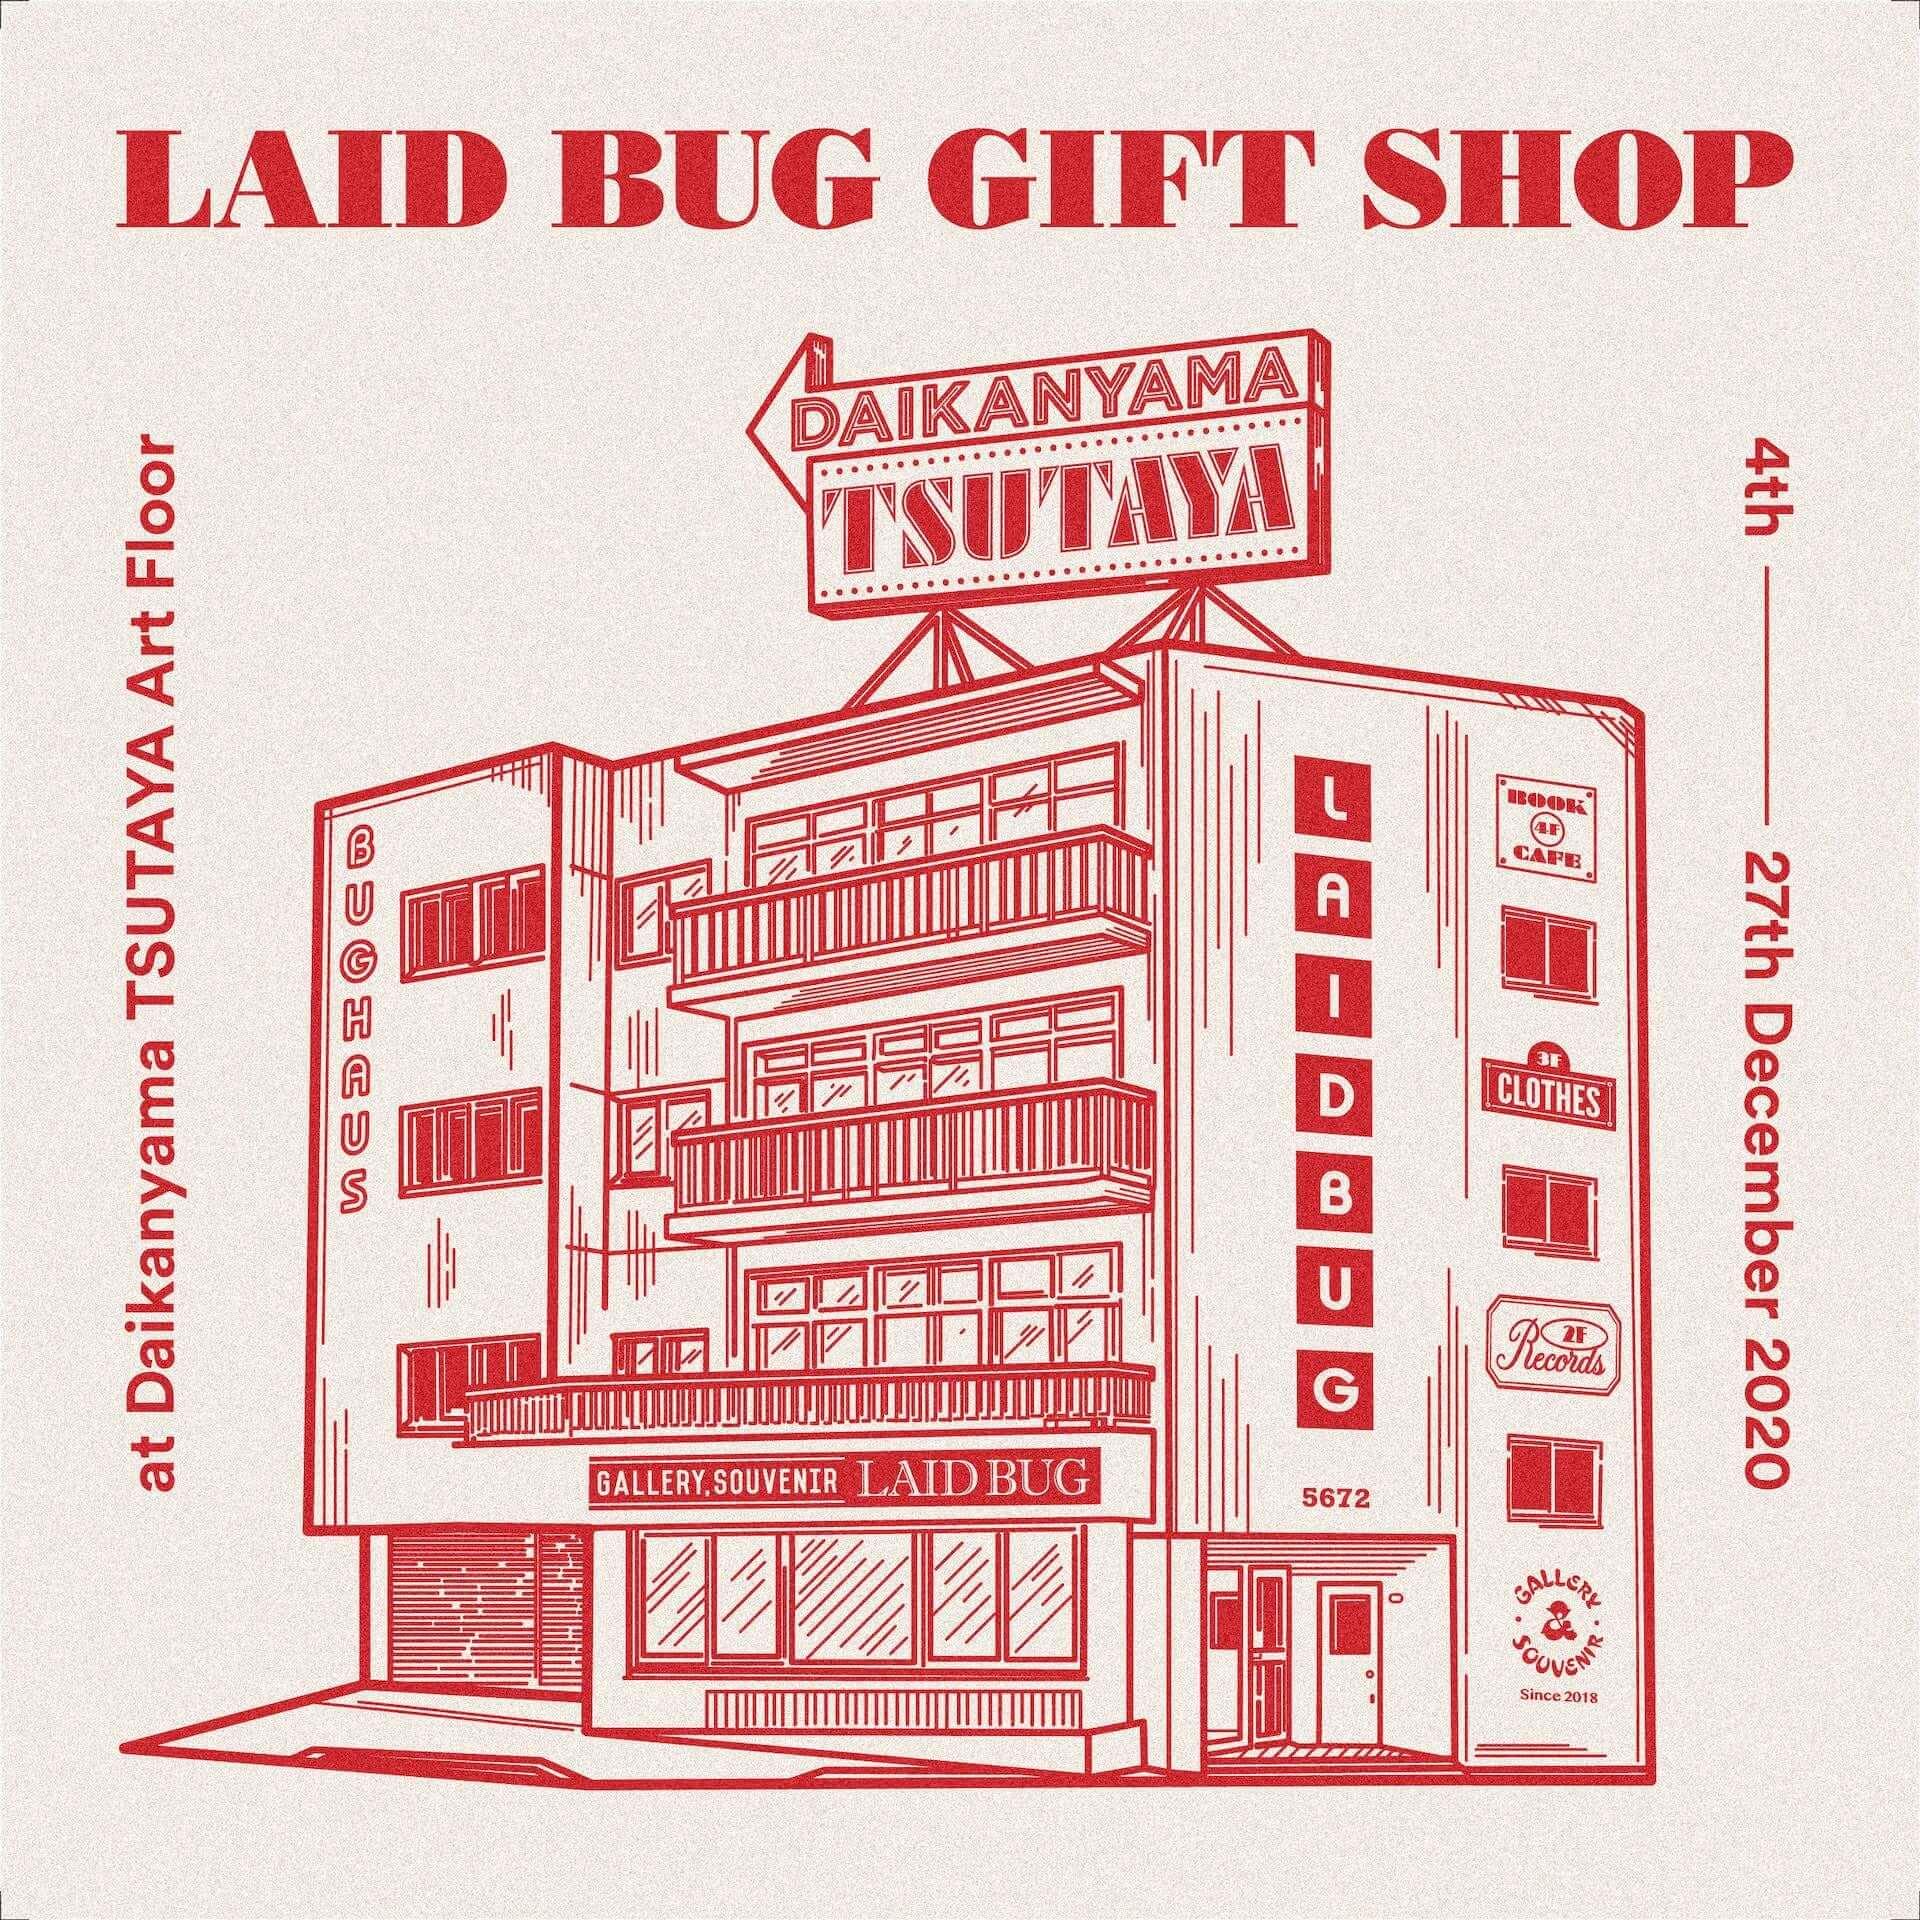 LAID BUGによる期間限定ギフトショップが代官山 蔦屋書店にて本日オープン! art201204_tsite-laidbug_8-1920x1920